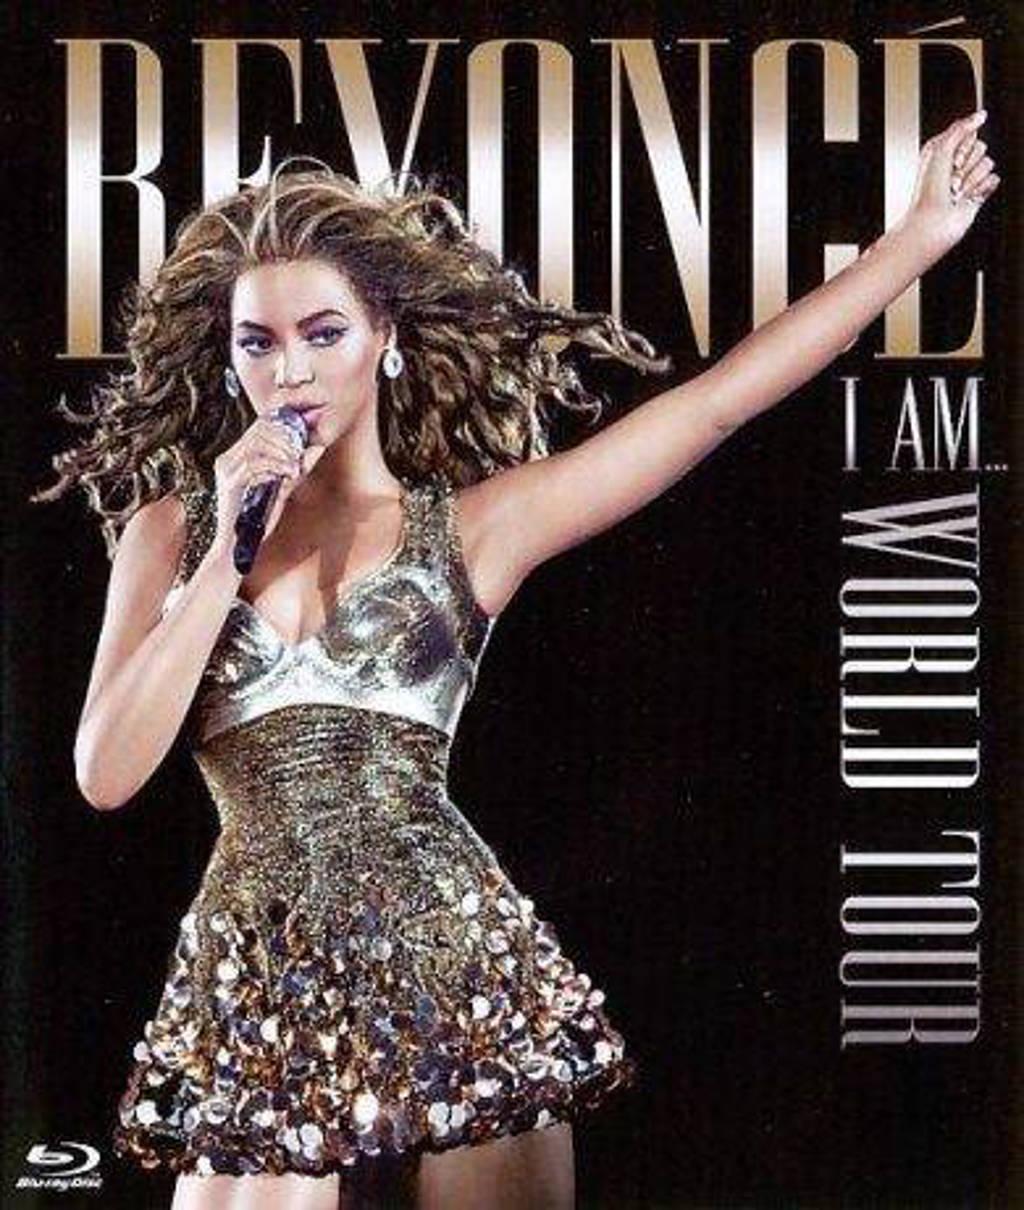 Beyonce - I Am... World Tour (Blu-ray)